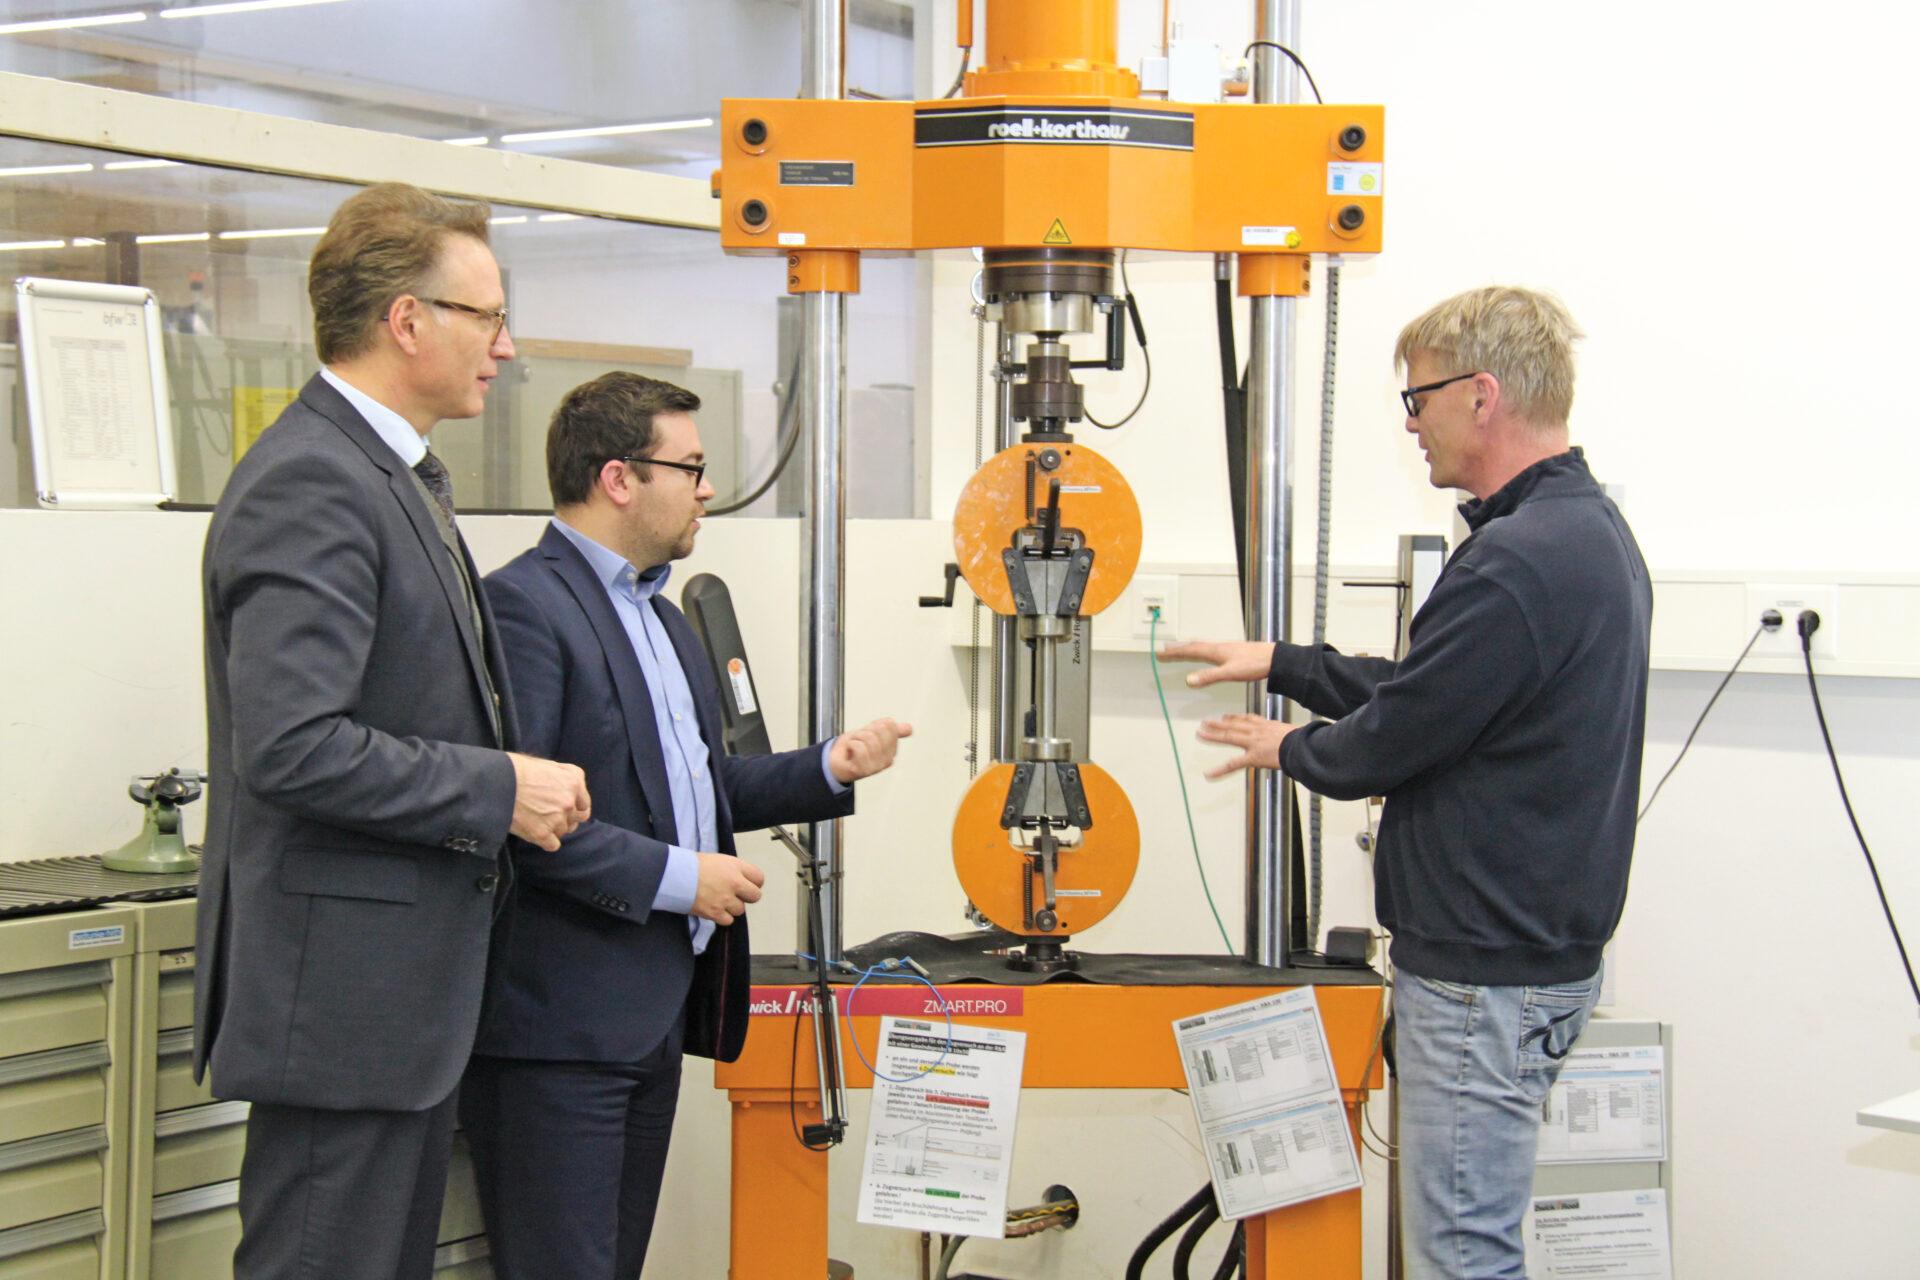 Bürgermeister Axourgos ist beeindruckt vom Berufsförderungswerk Dortmund